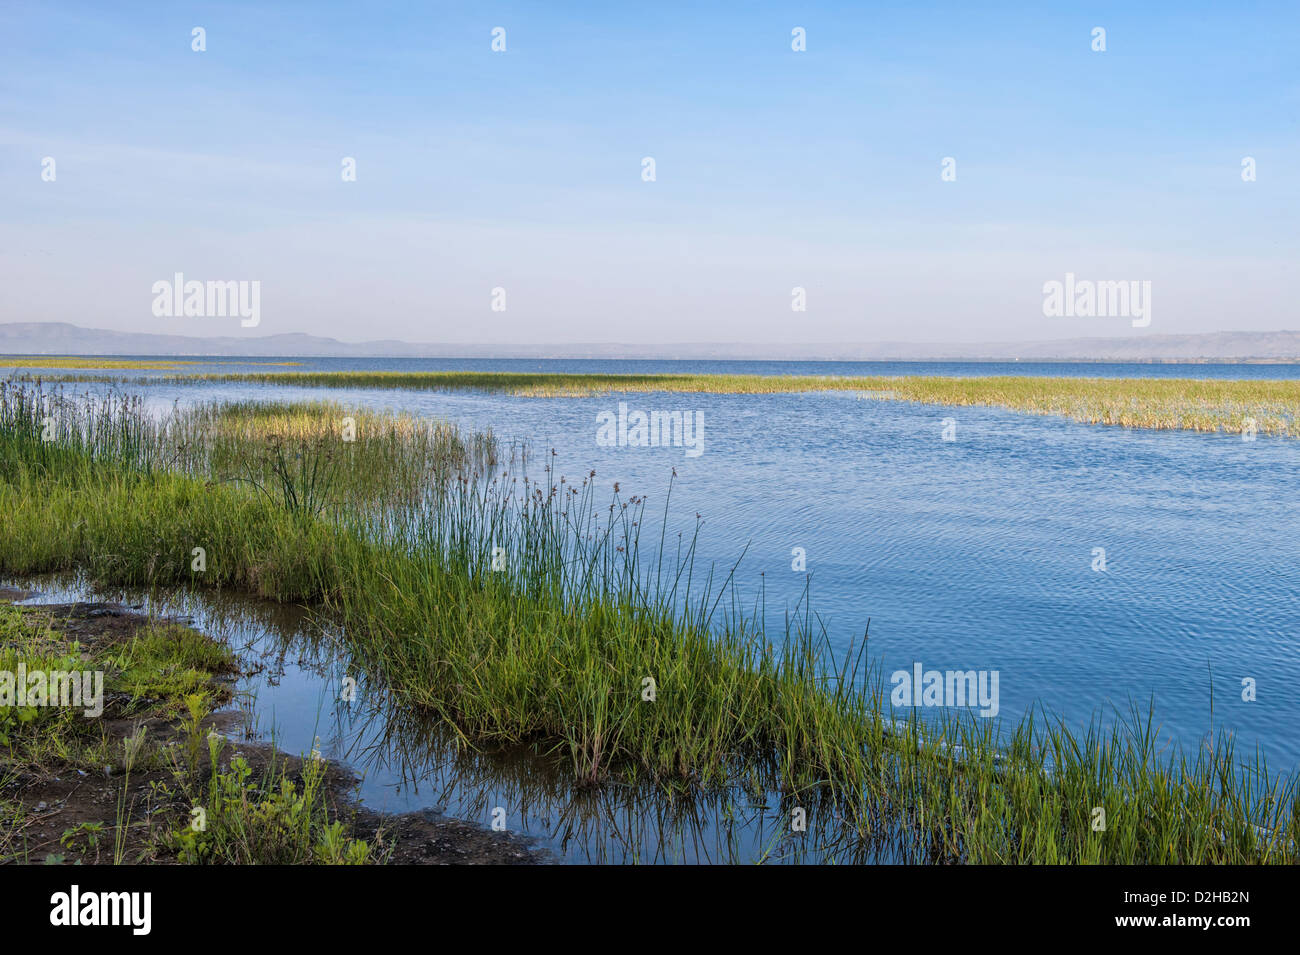 Awasa lake, Ethiopia - Stock Image